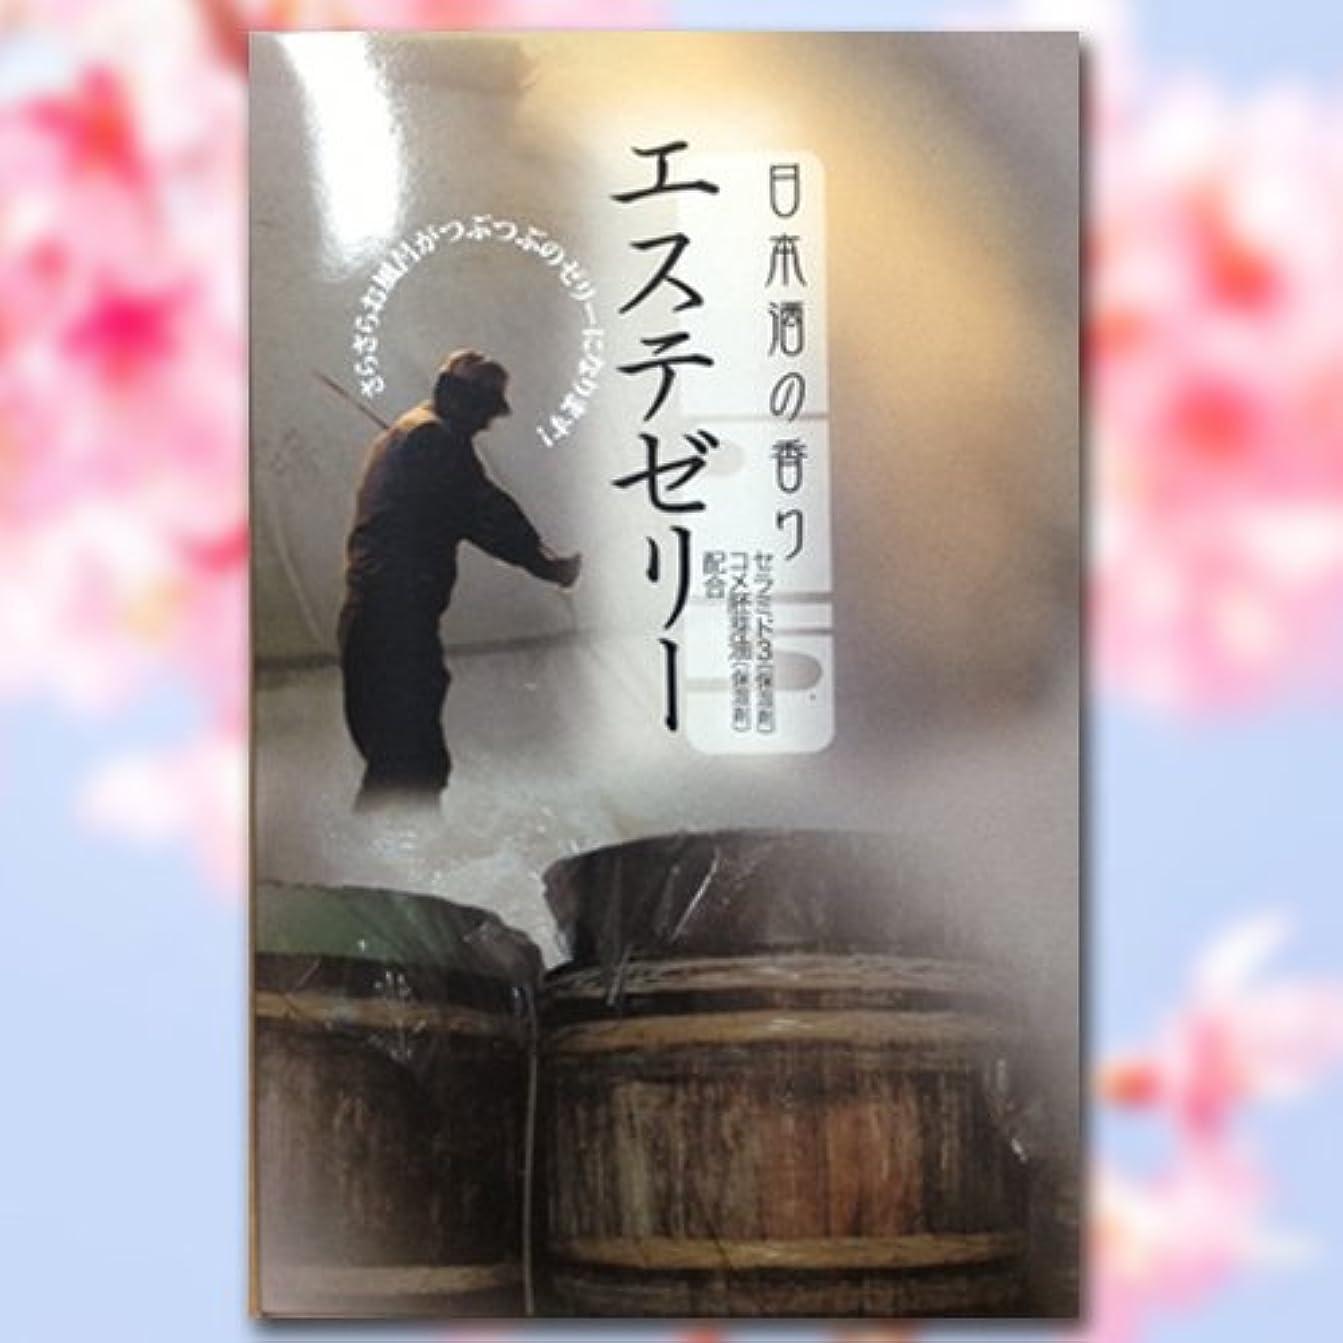 プレゼンター均等に明らかにする【2個セット】Esthe Jelly エステゼリー 日本酒の香り (入浴剤)